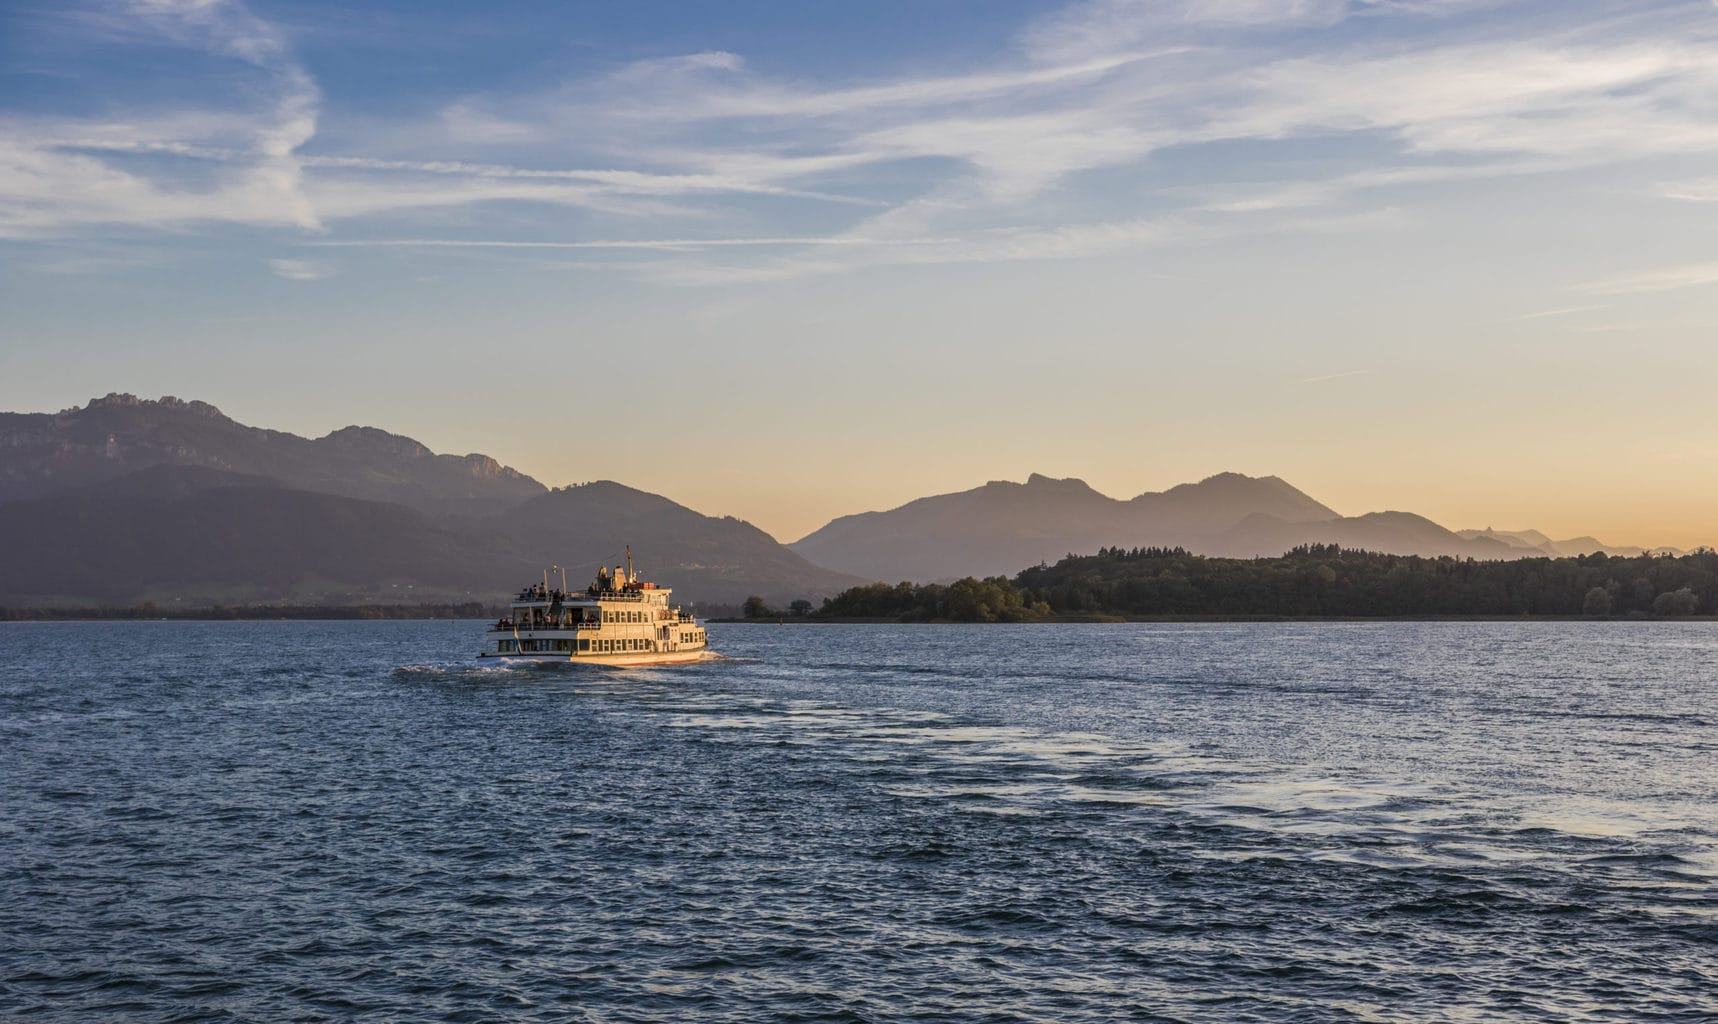 Een boot van de Chiemsee Schifffahrt op het meertje voor de bergen